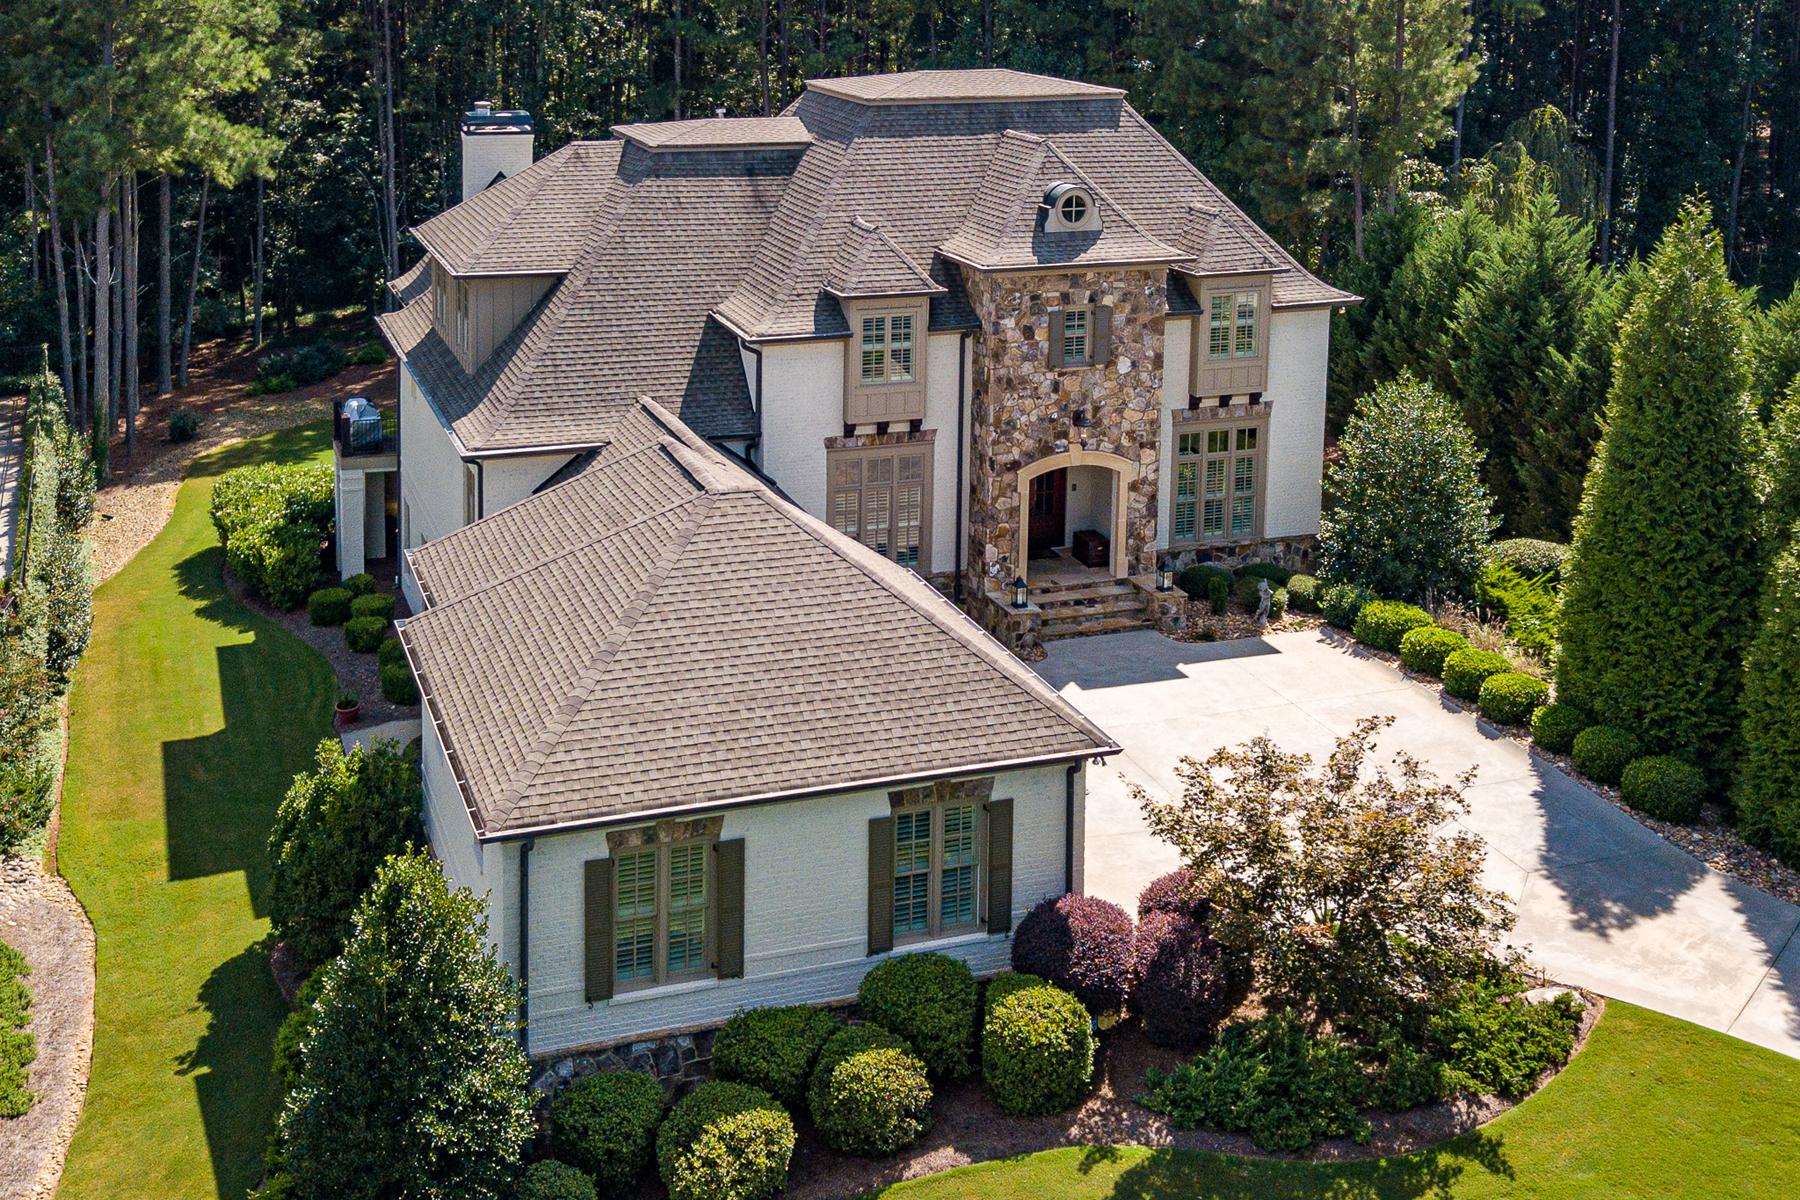 Single Family Homes för Försäljning vid Desirable Newhaven Home 185 Newhaven Drive, Fayetteville, Georgien 30215 Förenta staterna